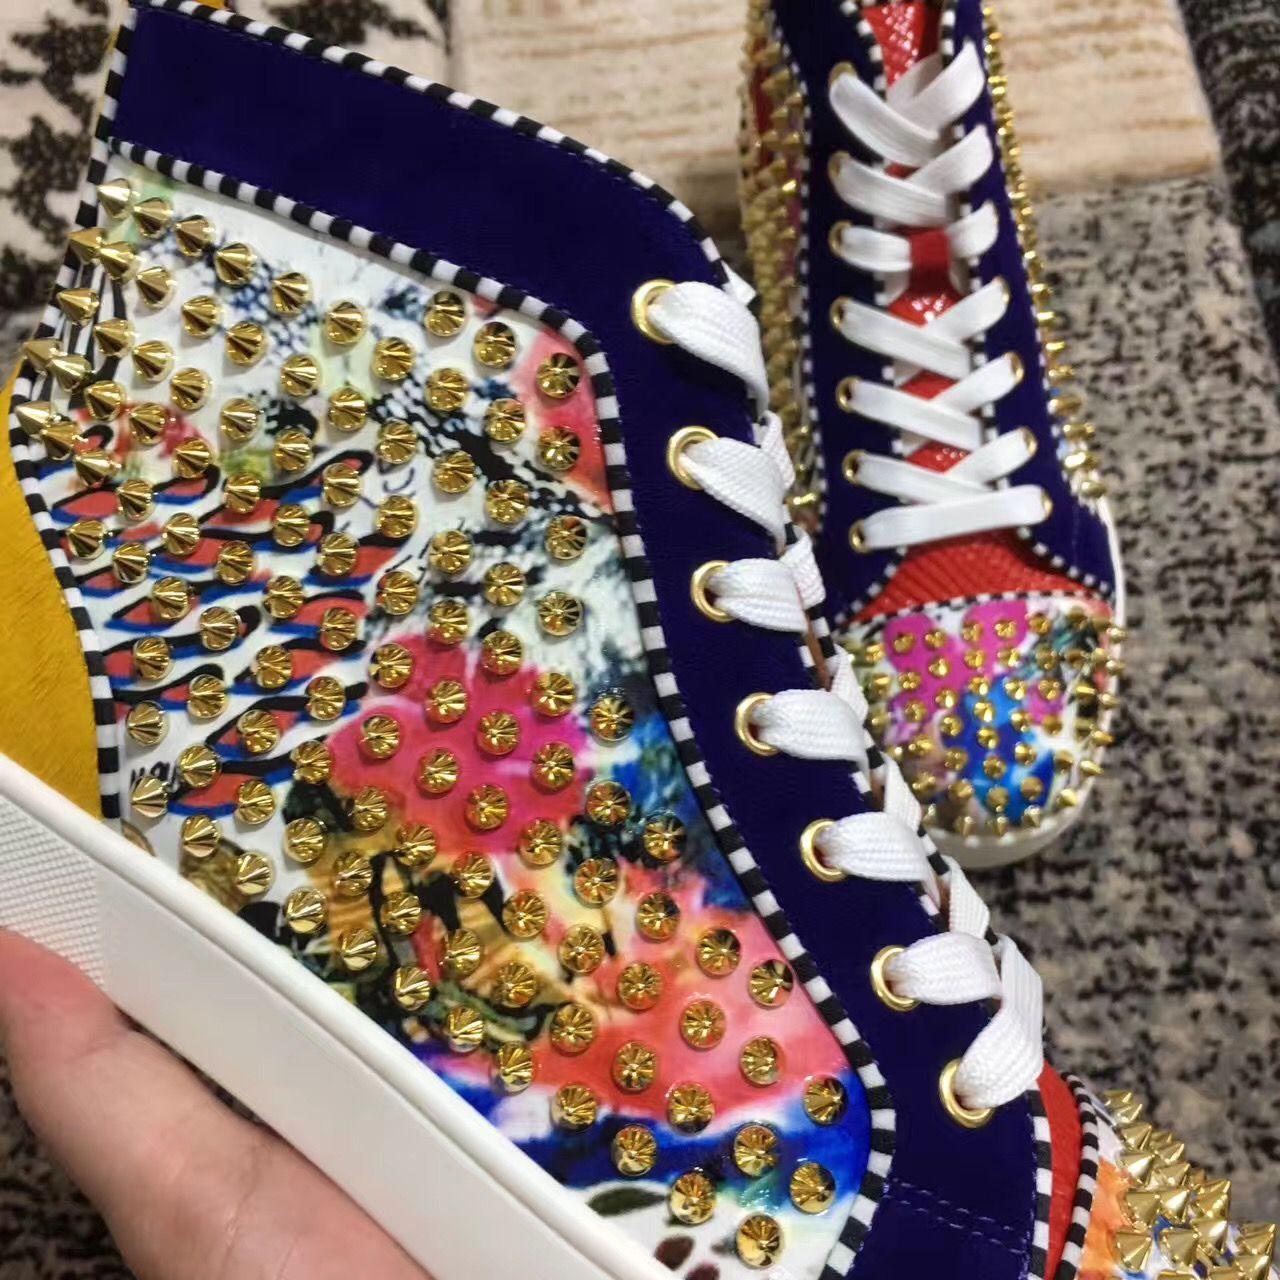 Золотые Шипы Цветок Кожа Женщины,Мужчины Унисекс Кроссовки Обувь Дизайн Высокий Верх Красное Дно Обувь Стад Повседневная Ходьба Квартиры Размер 35-46